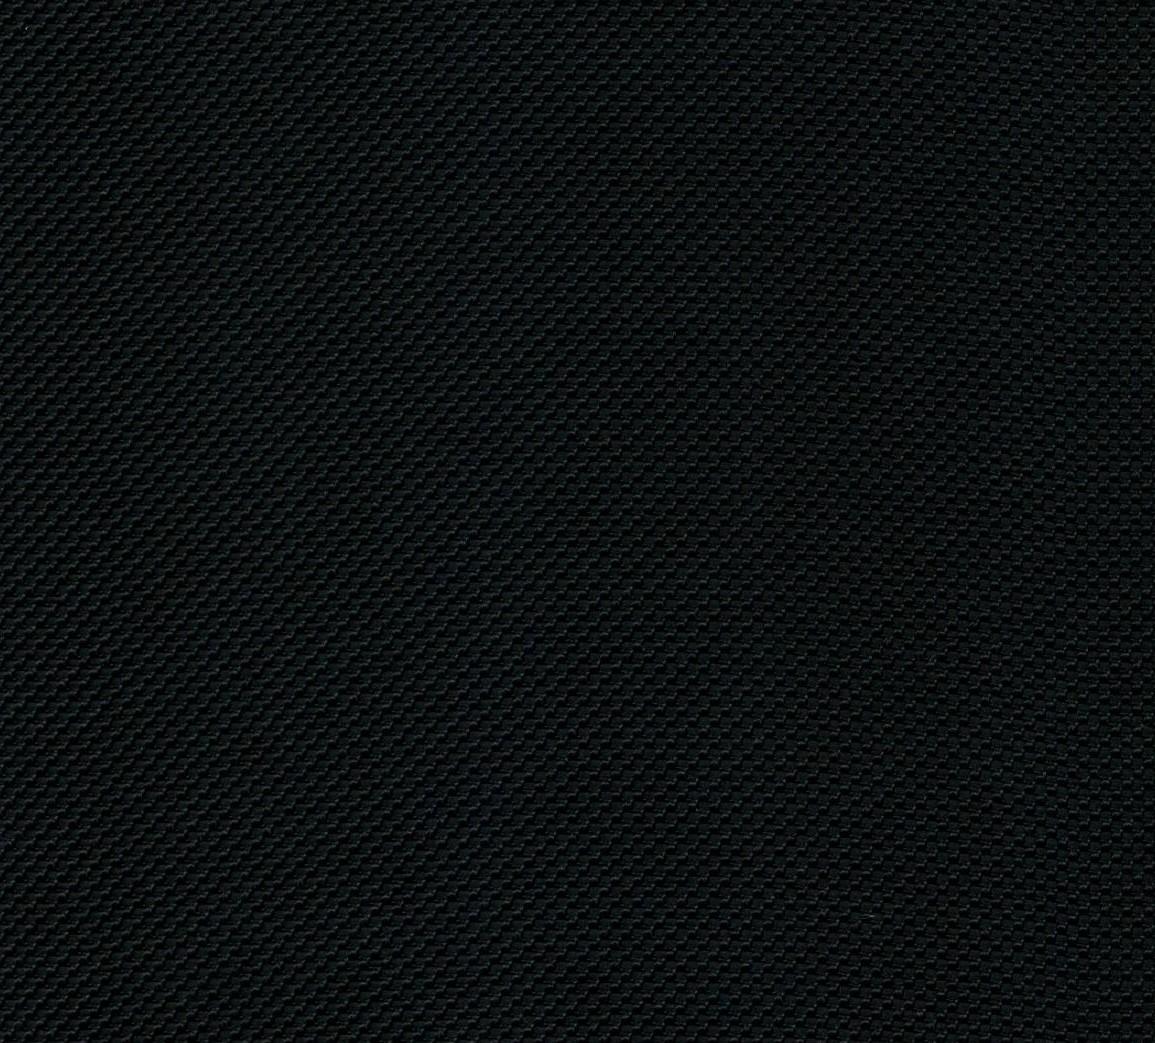 HERON Black 25